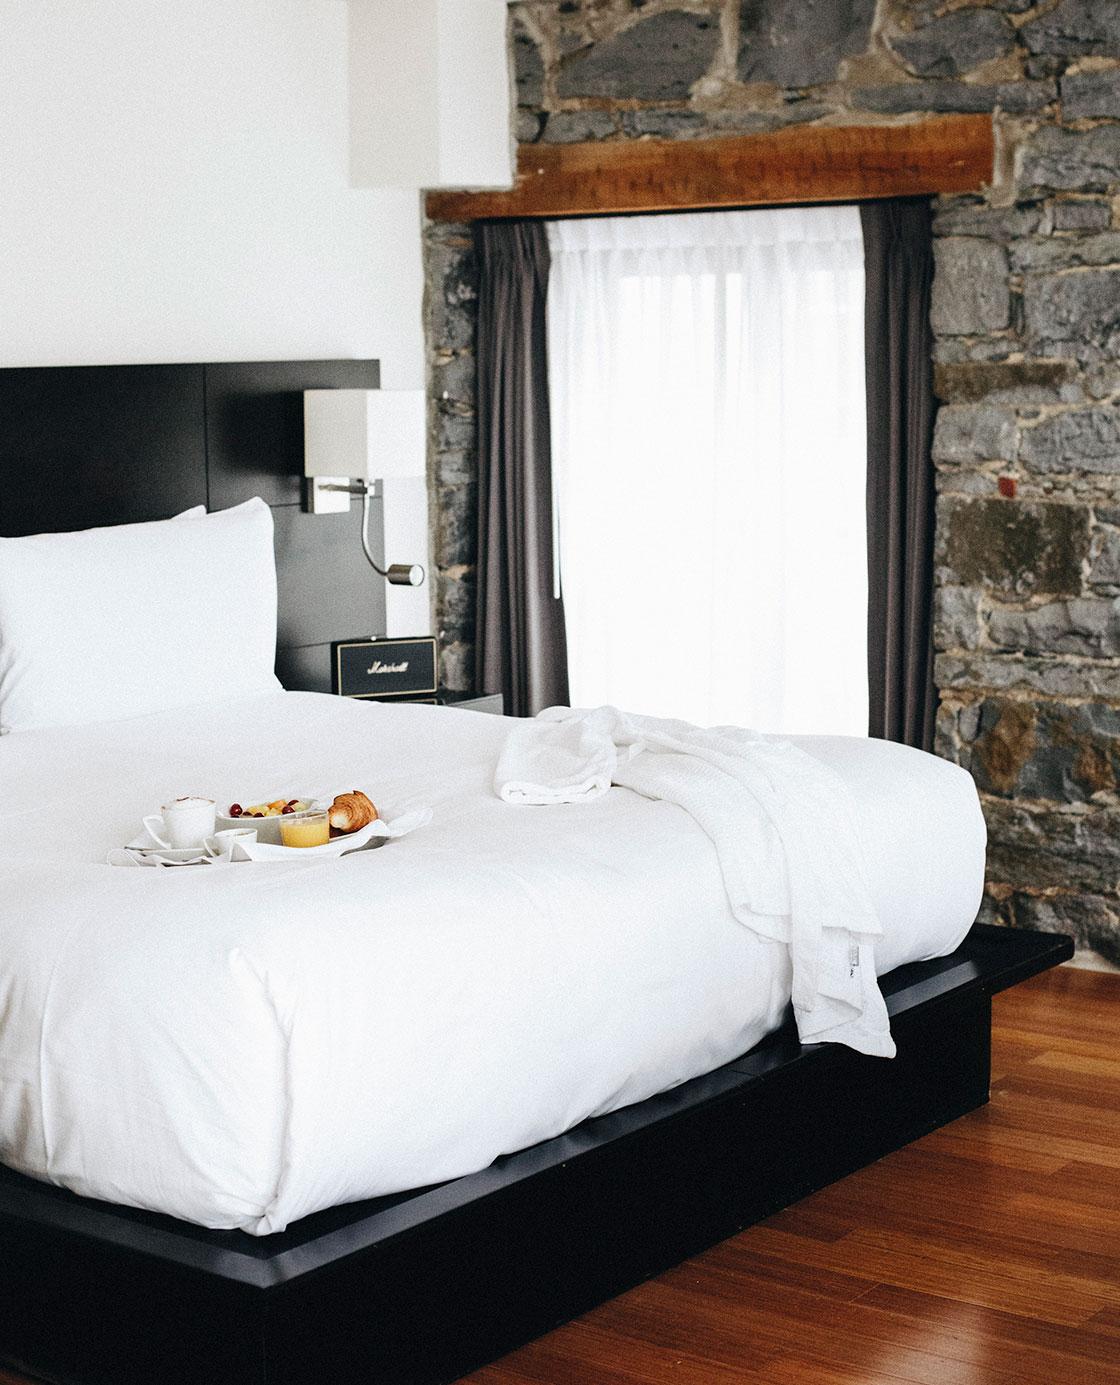 Un plateau de petit-déjeuner et une serviettes posés sur un lit.